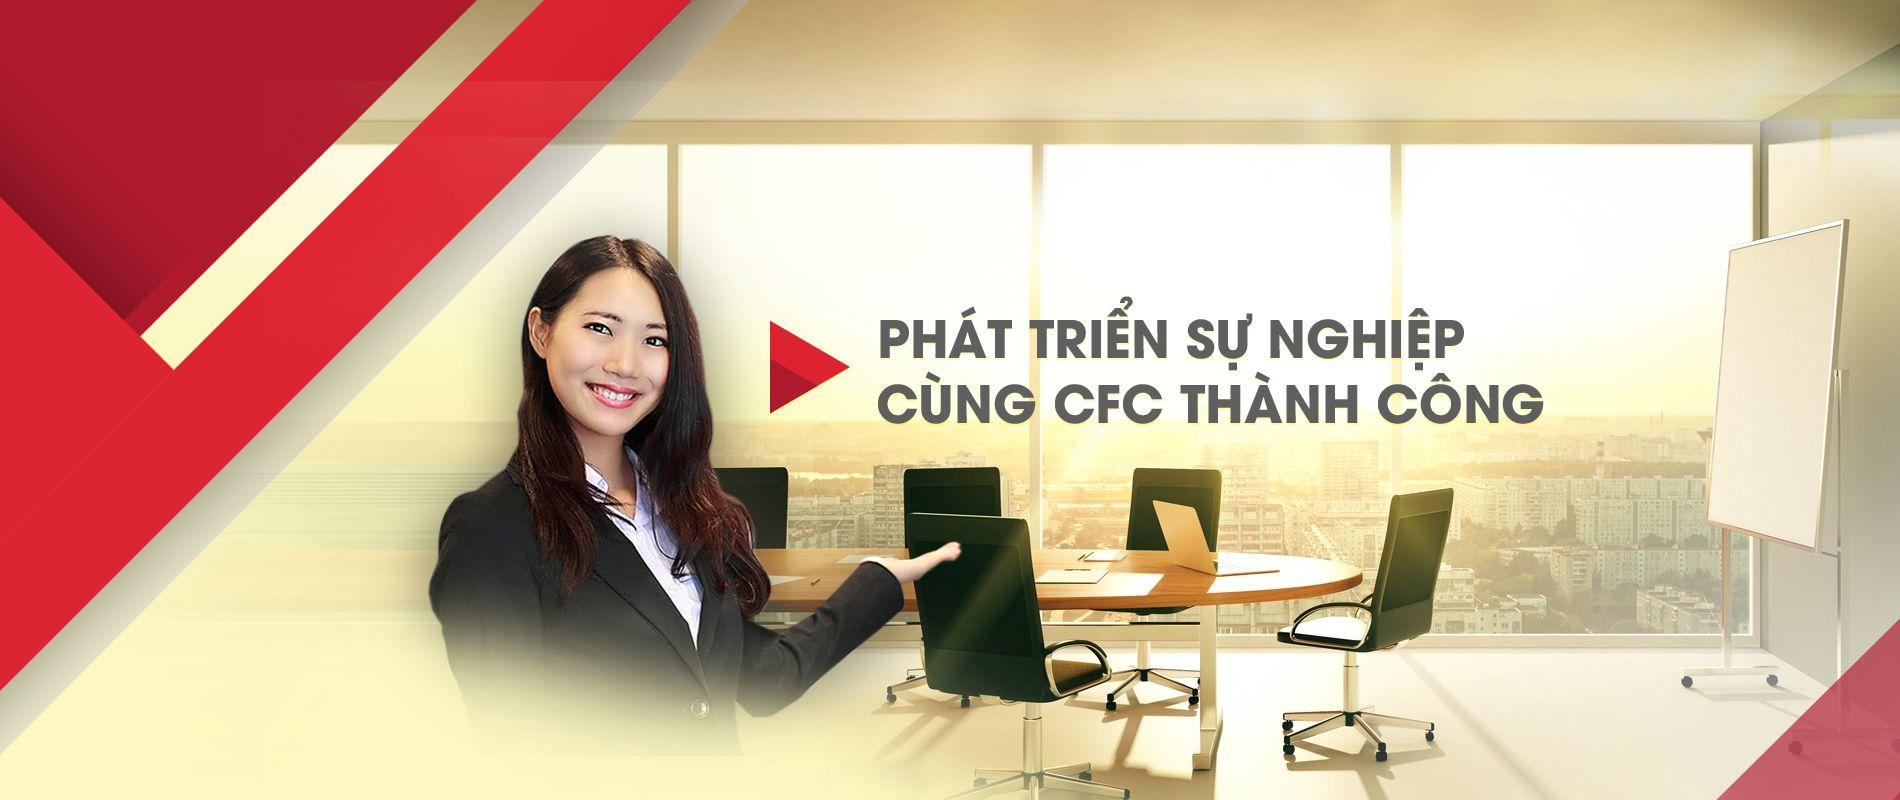 Nhân viên Quan hệ lao động - Hà Nội